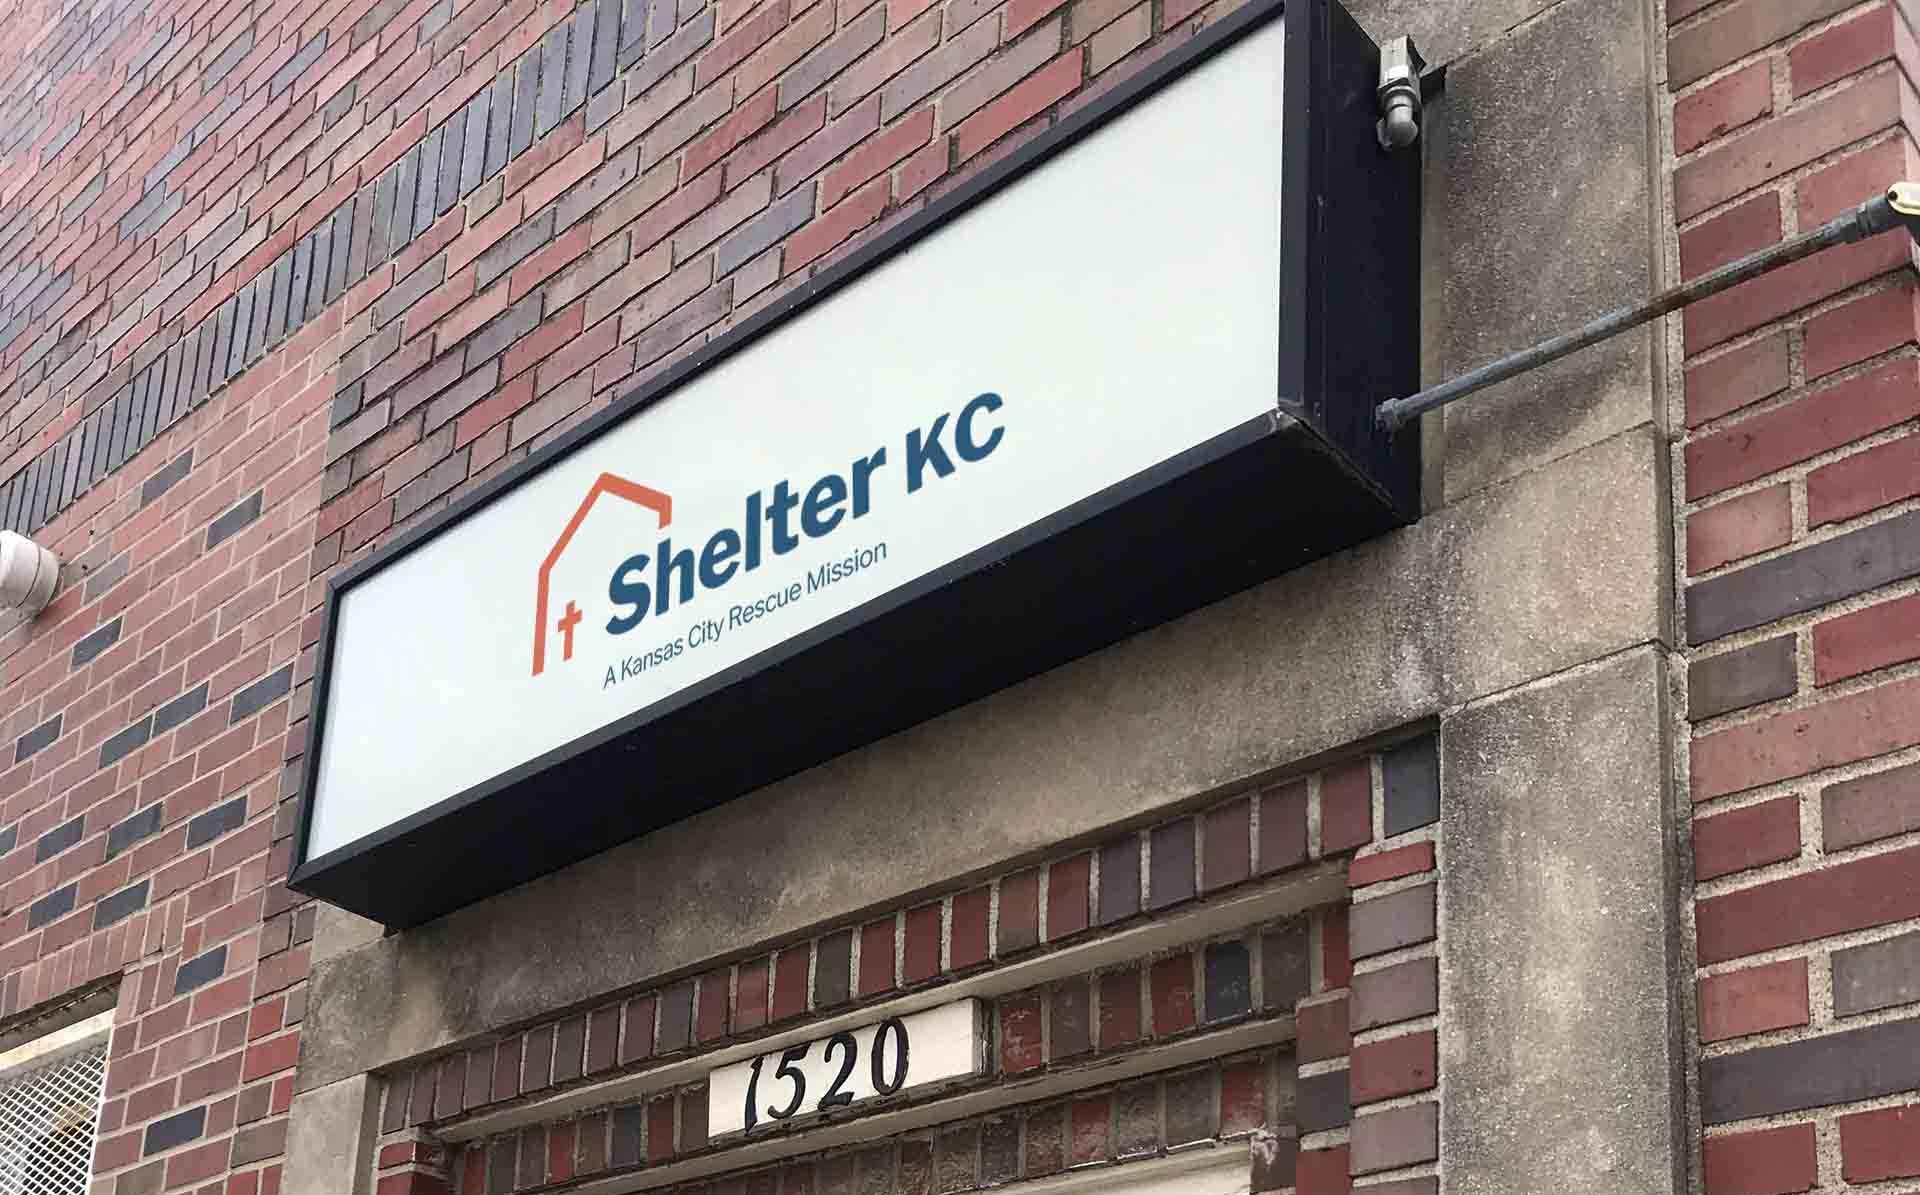 Shelter KC sign